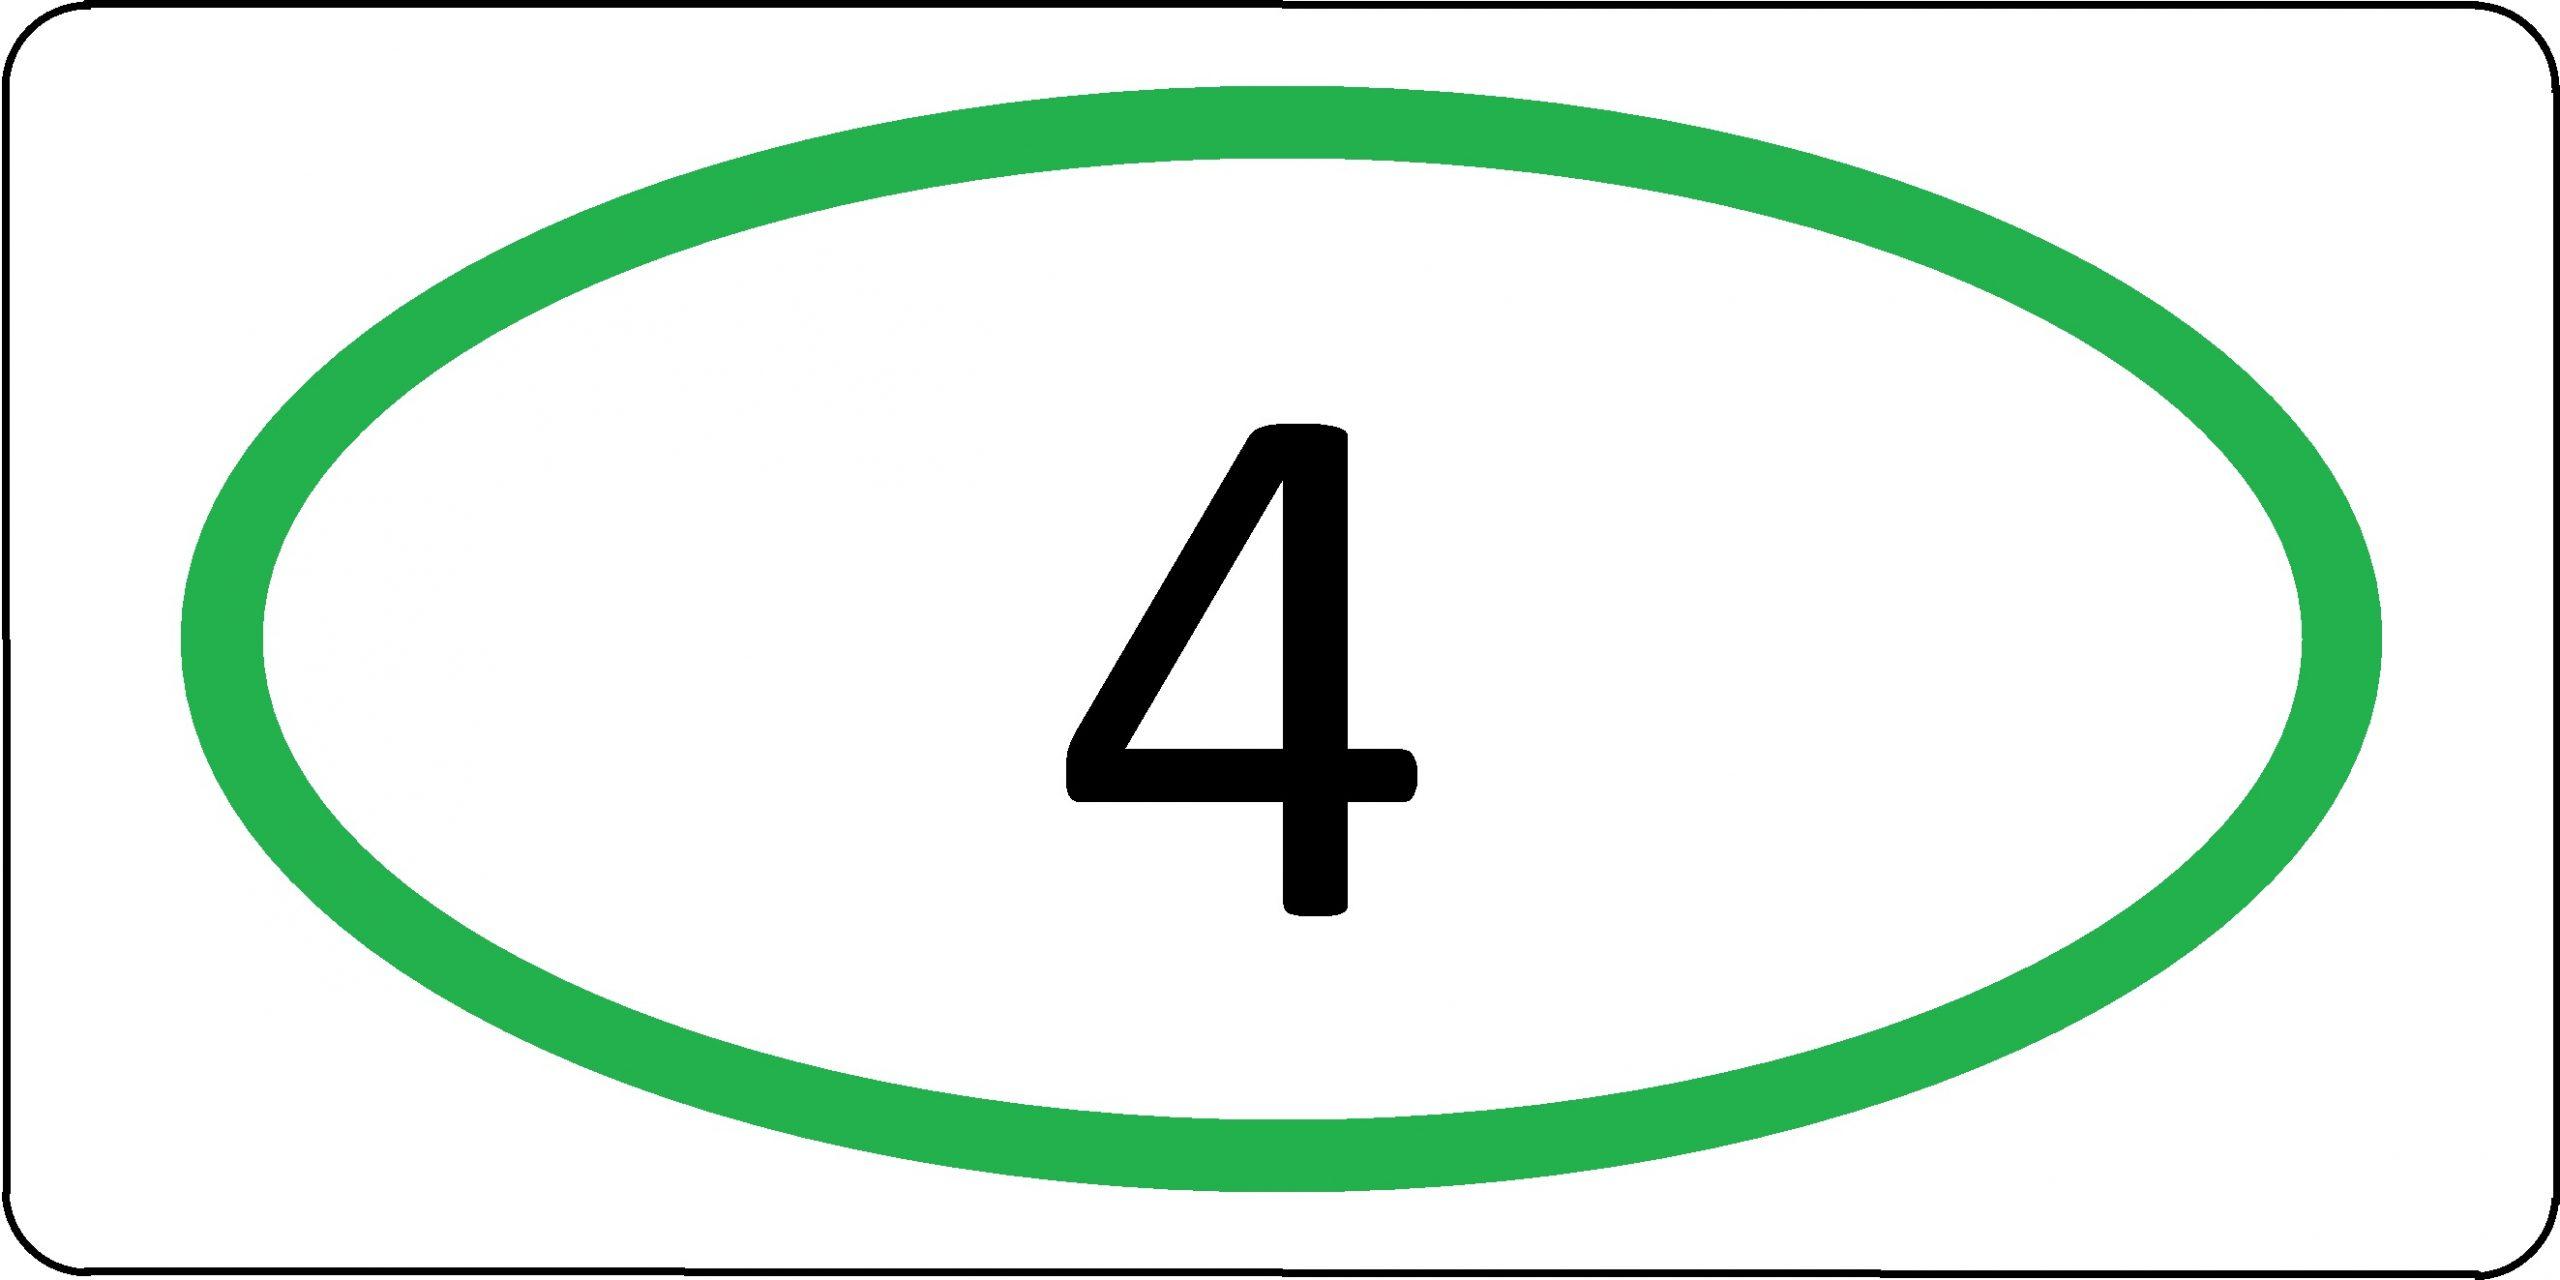 Экологический класс транспортного средства №4